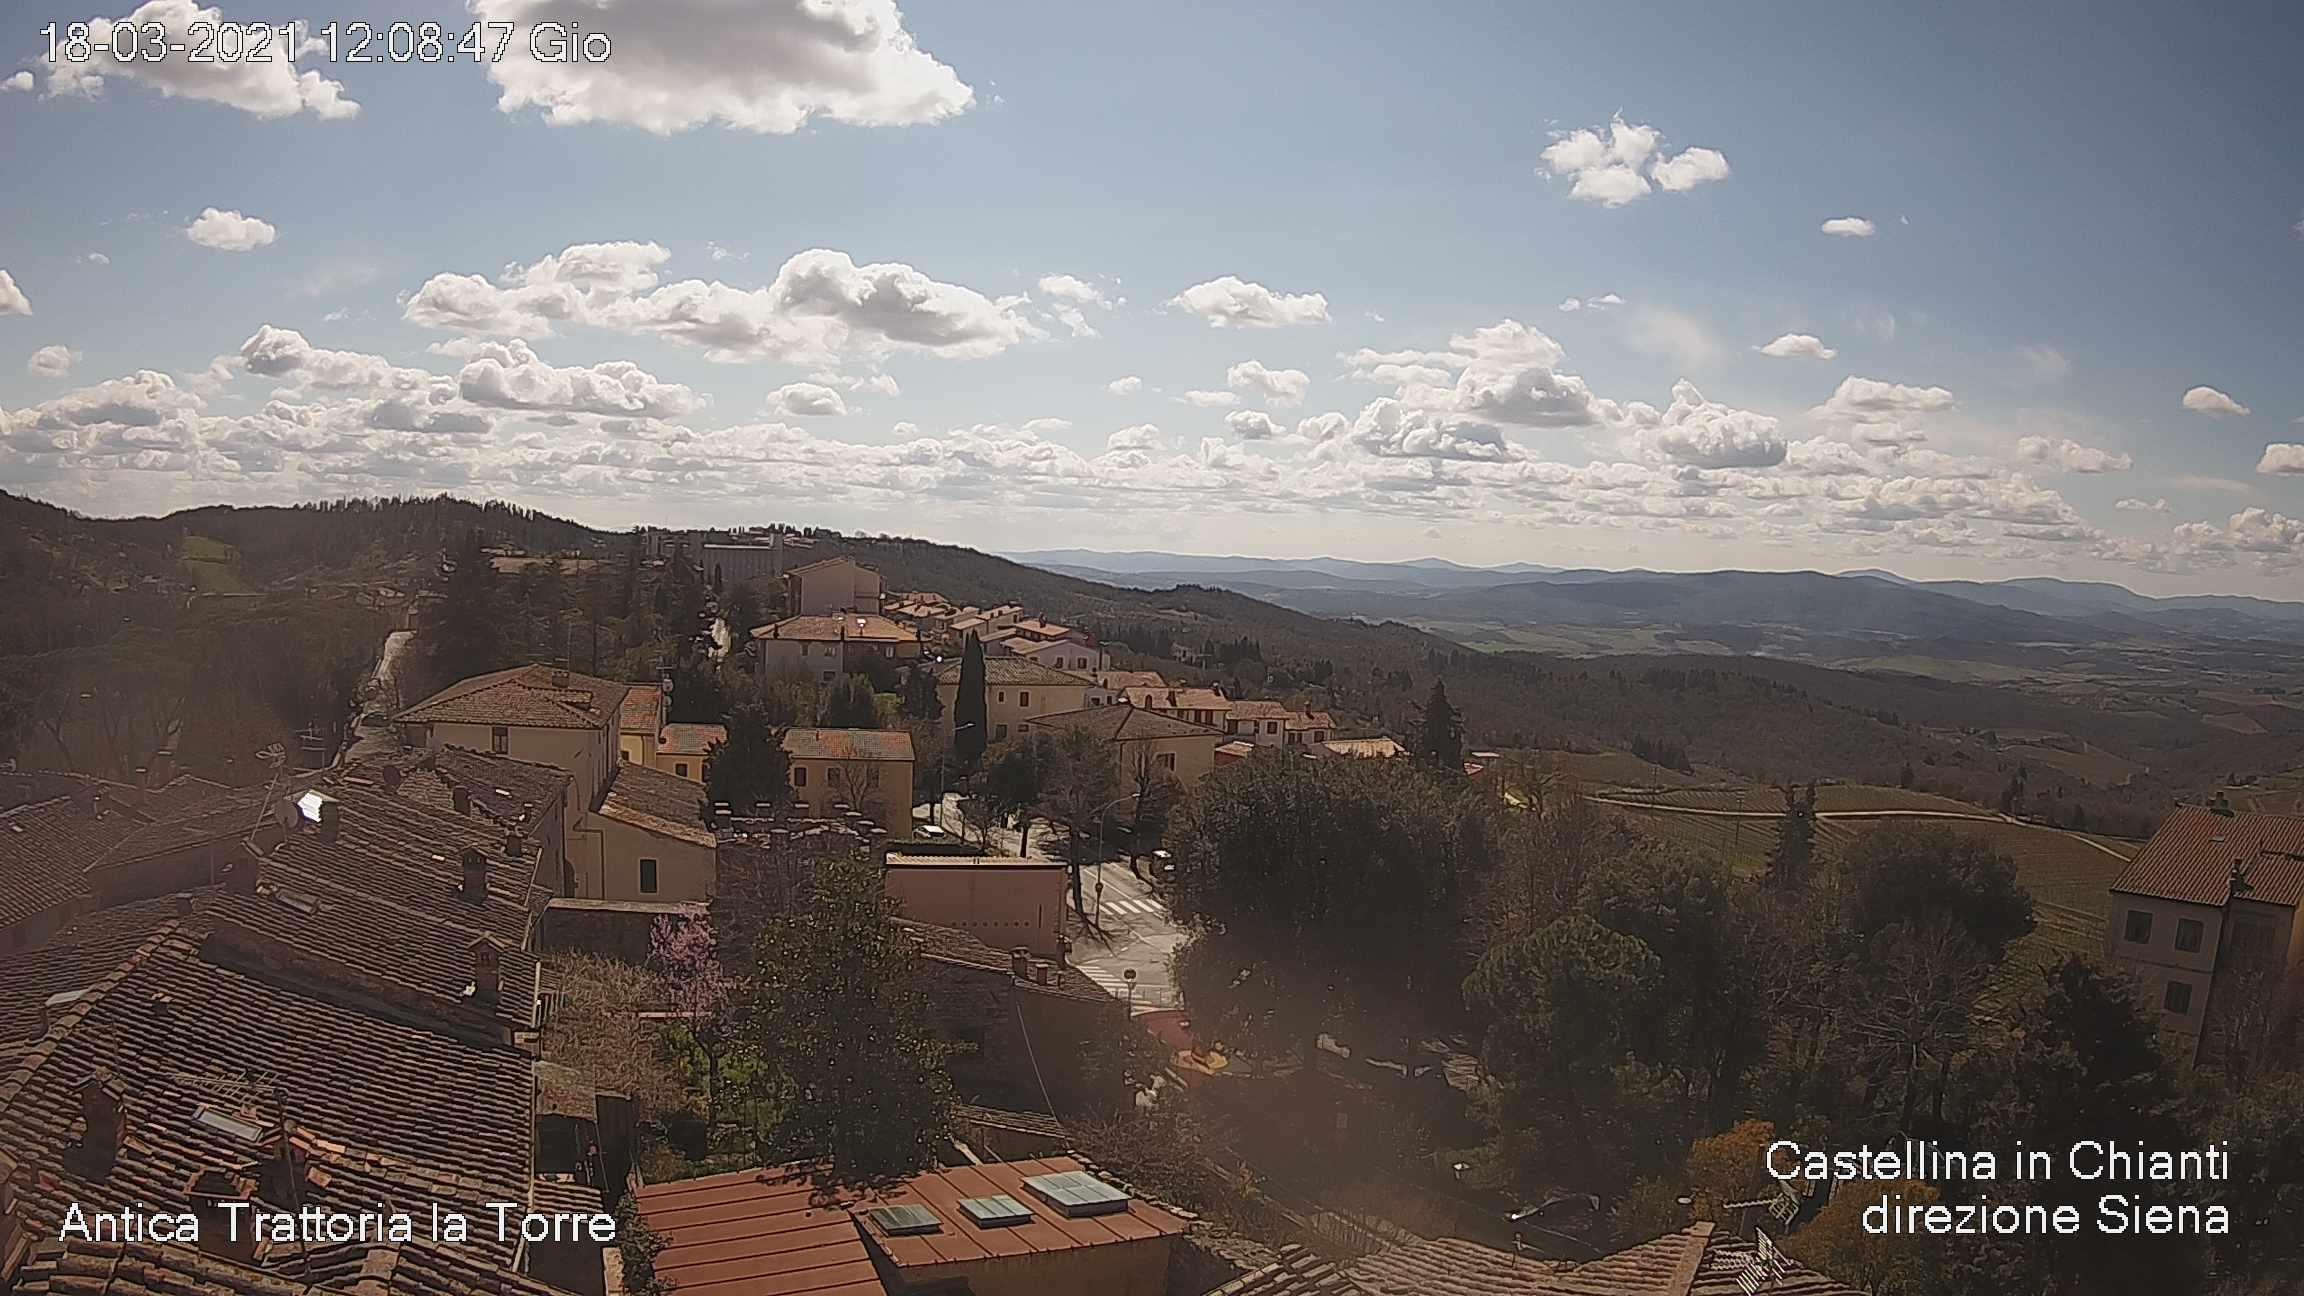 Webcam di Castellina in Chianti  a cura di anticatrattorialatorre.com